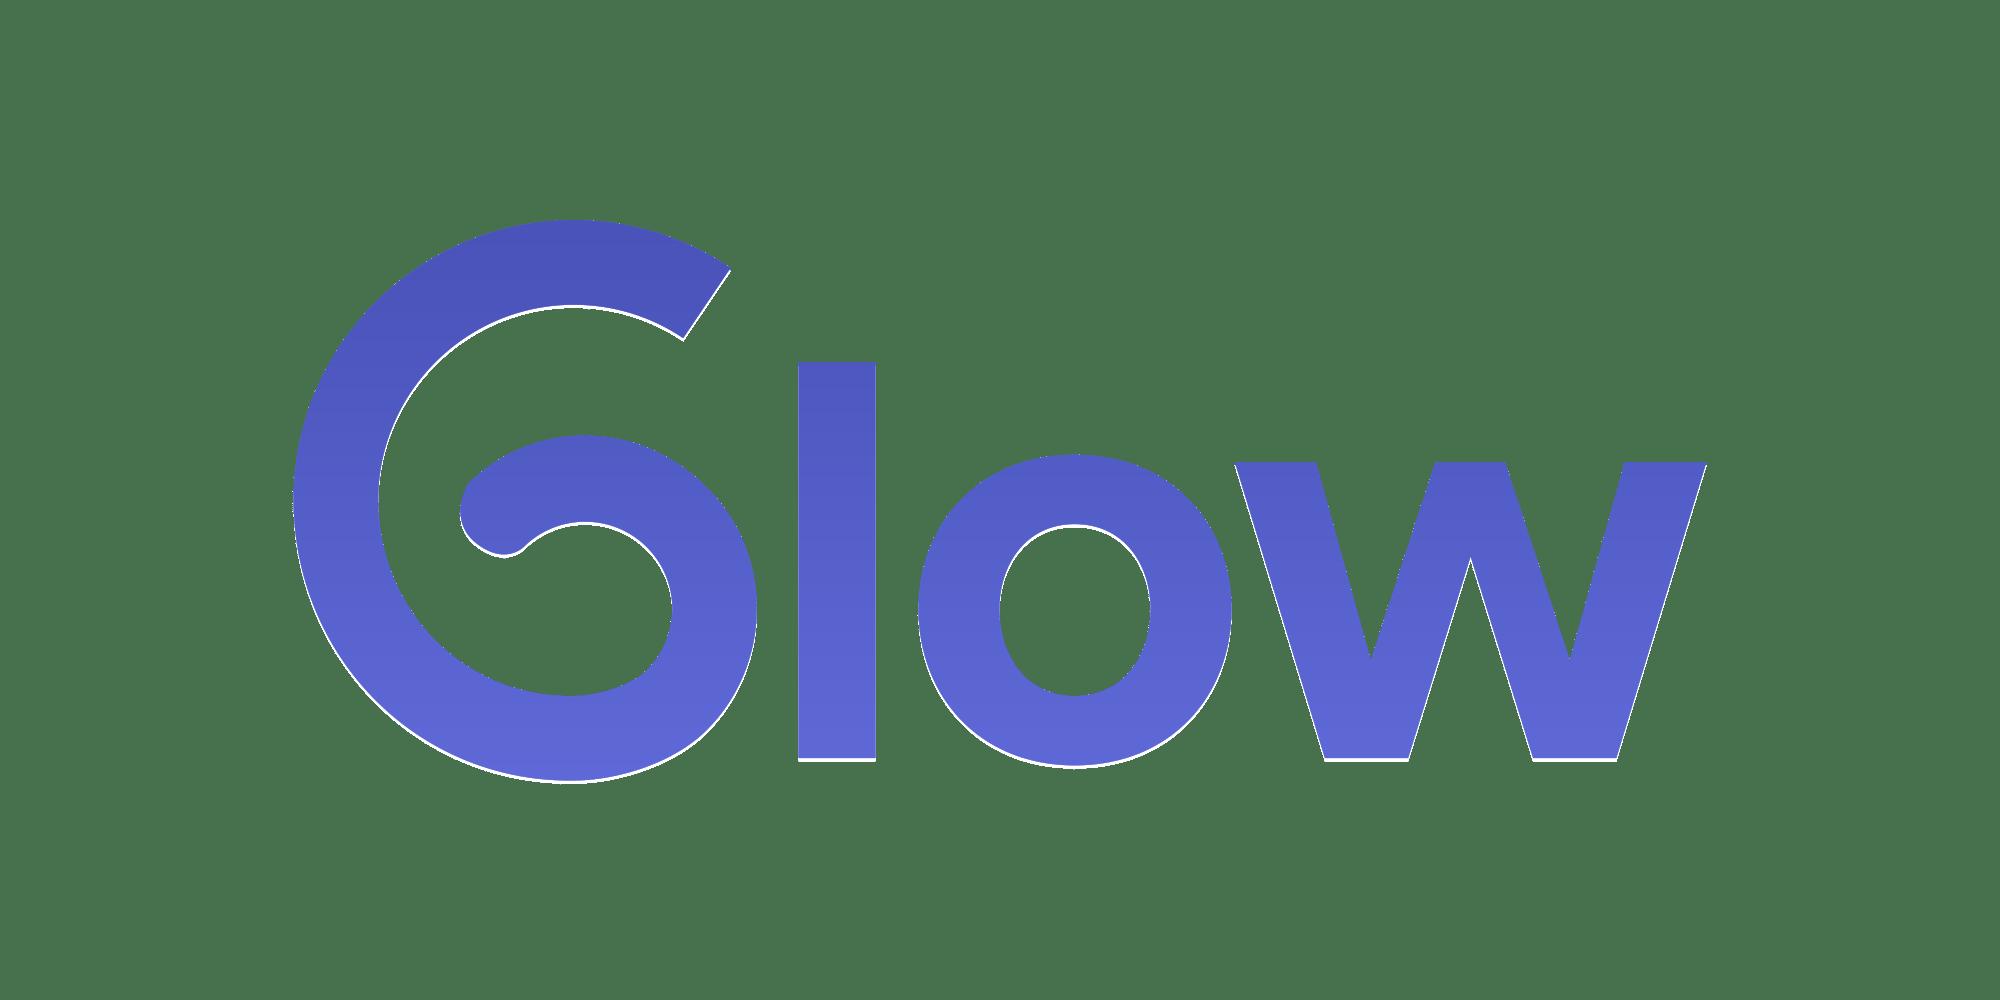 Glow company logo